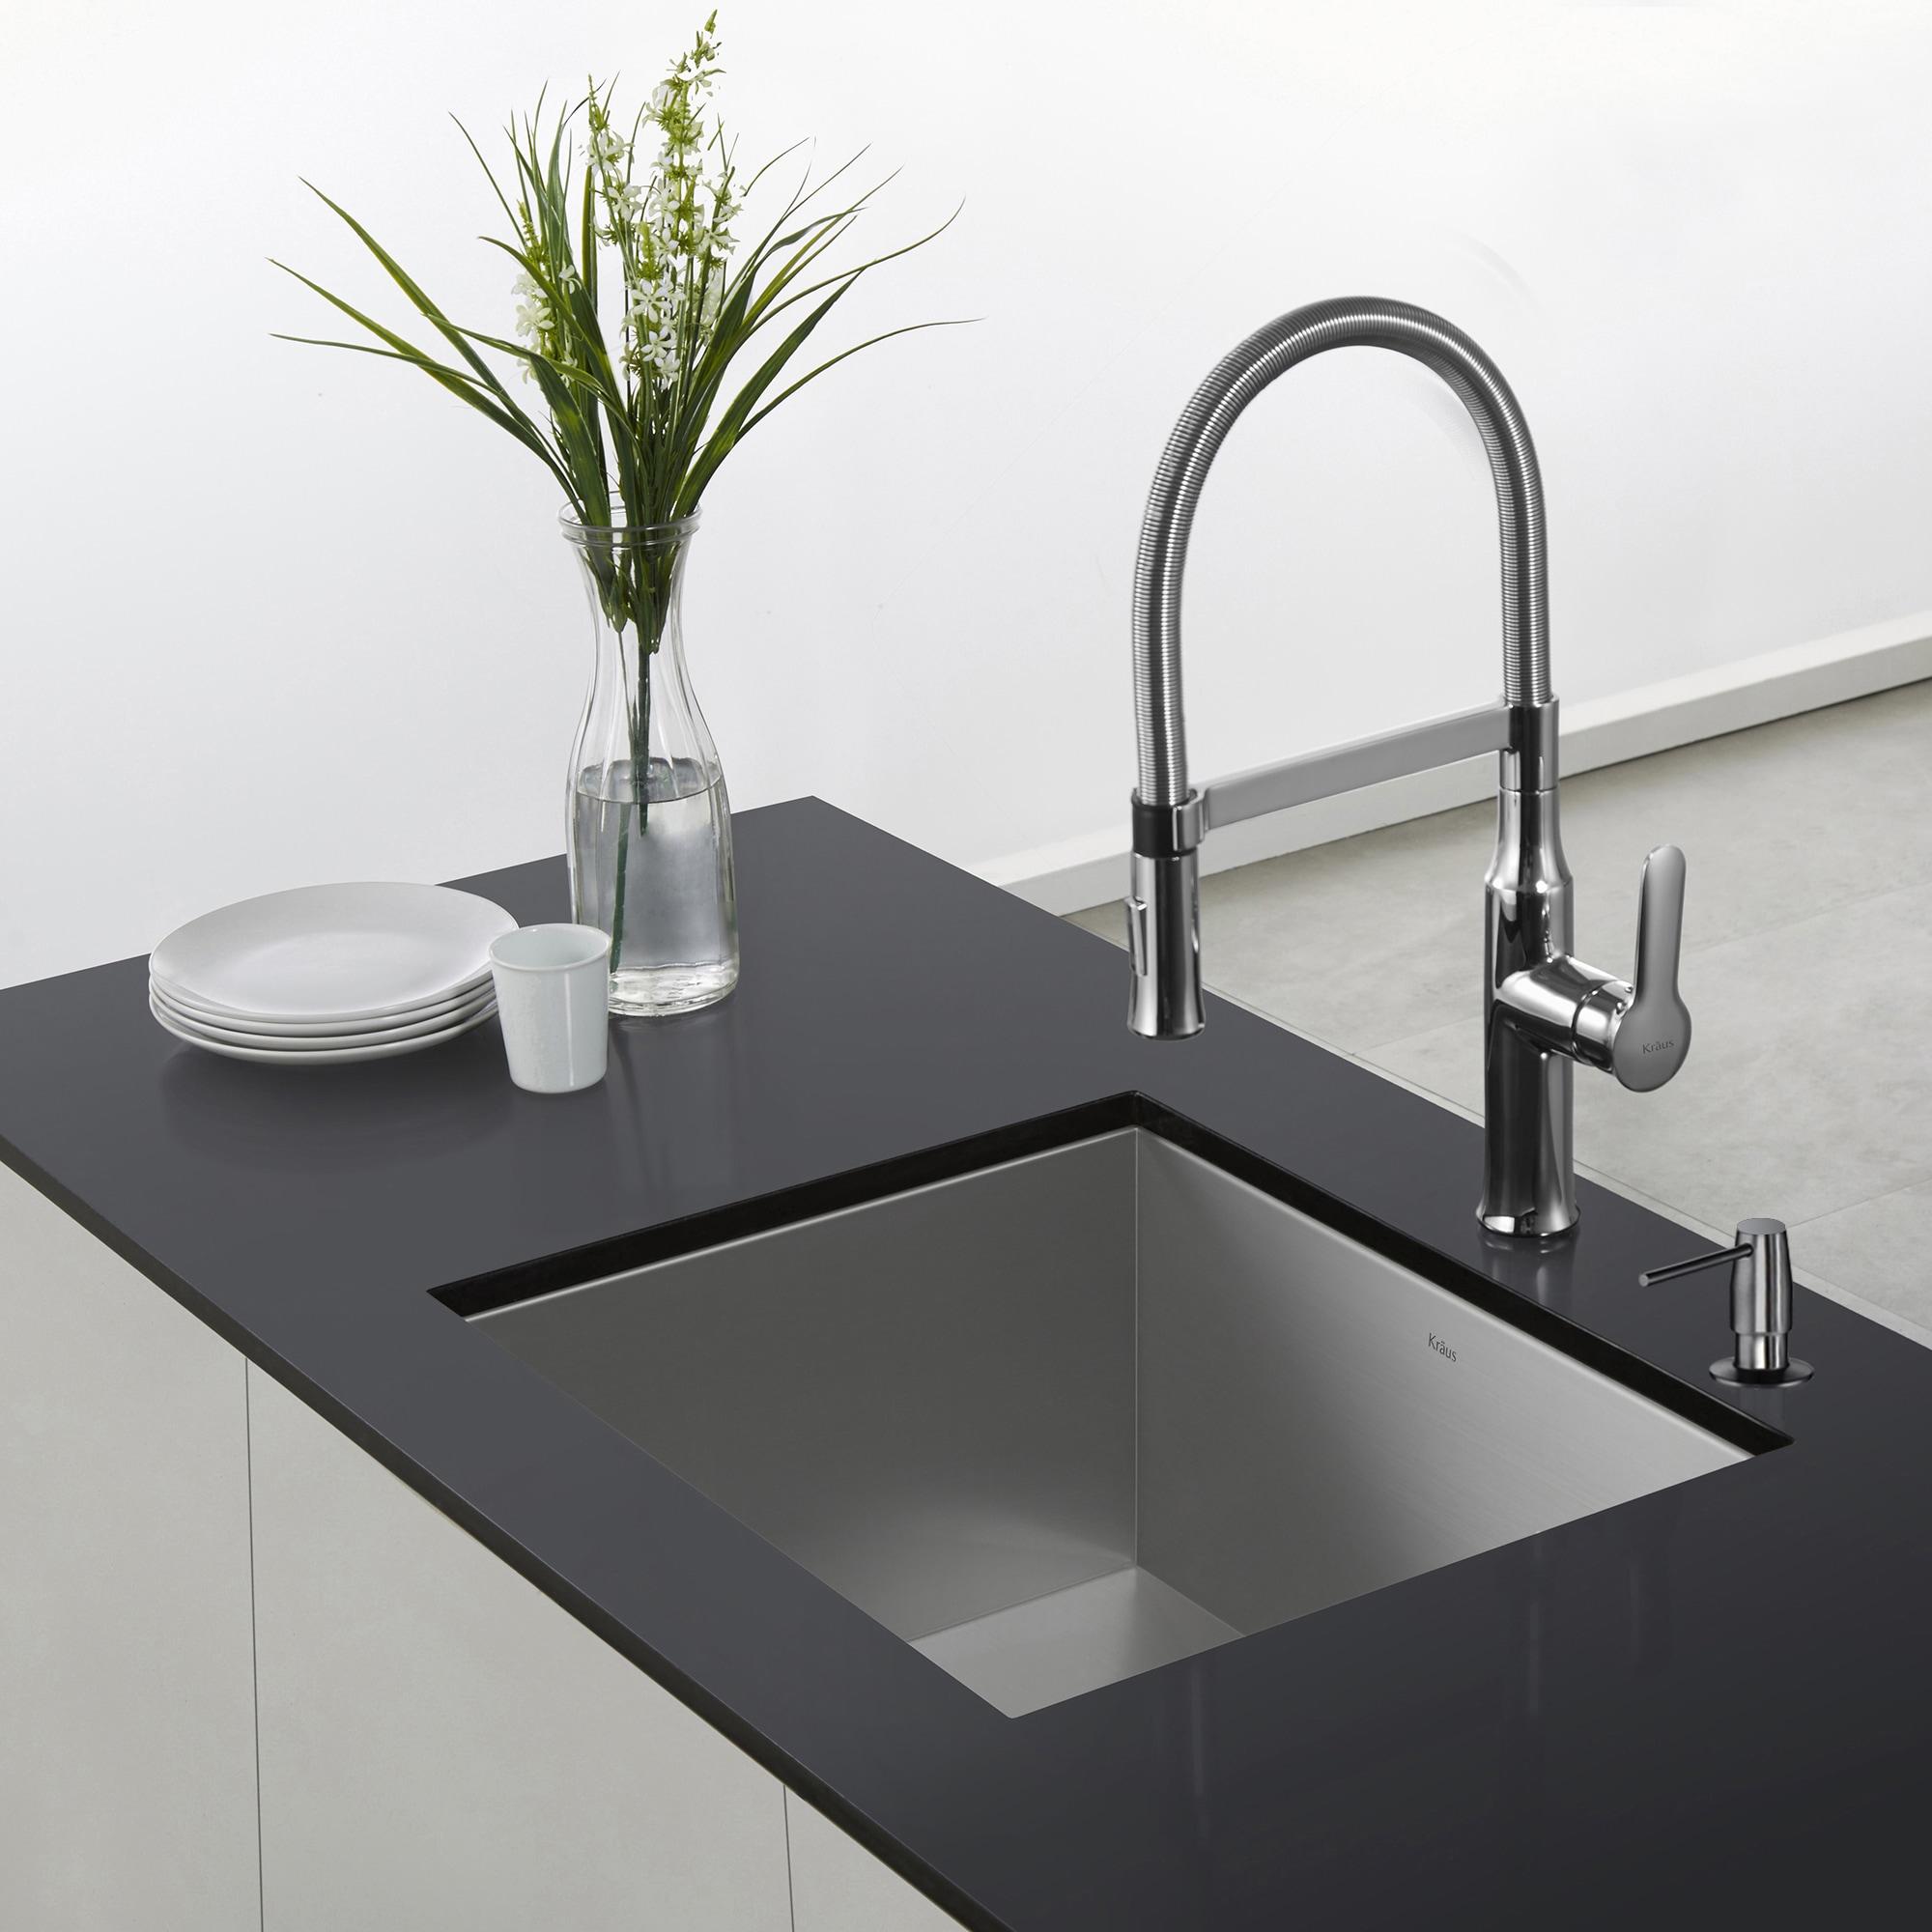 Kraus Nola Single Lever Flex Commercial Style Kitchen Faucet - Free ...